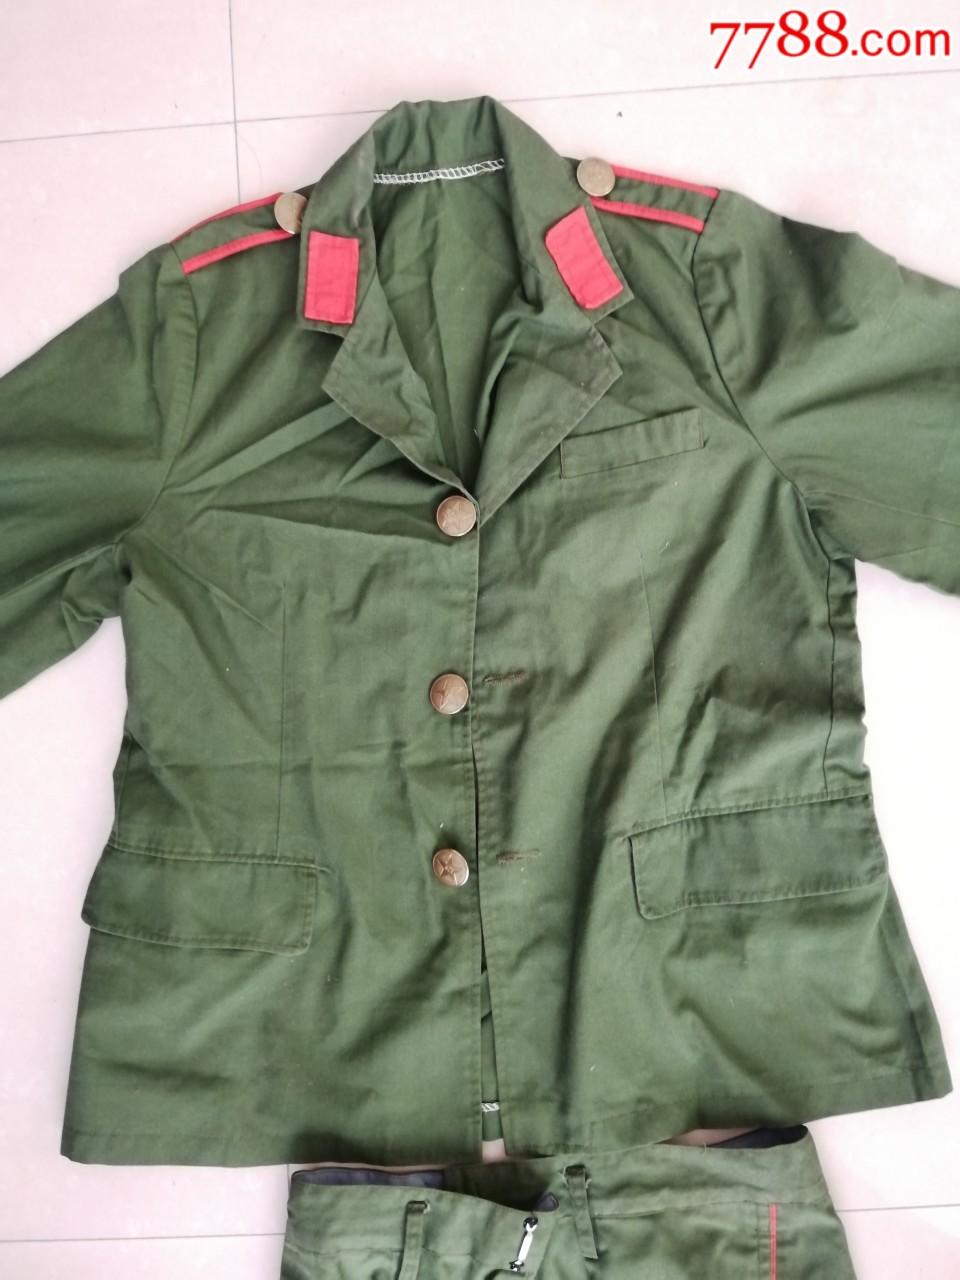 少见的早期女军装,带红领章,金属纽扣,衣服裤子一起出,手慢无(au21245916)_7788收藏__收藏热线